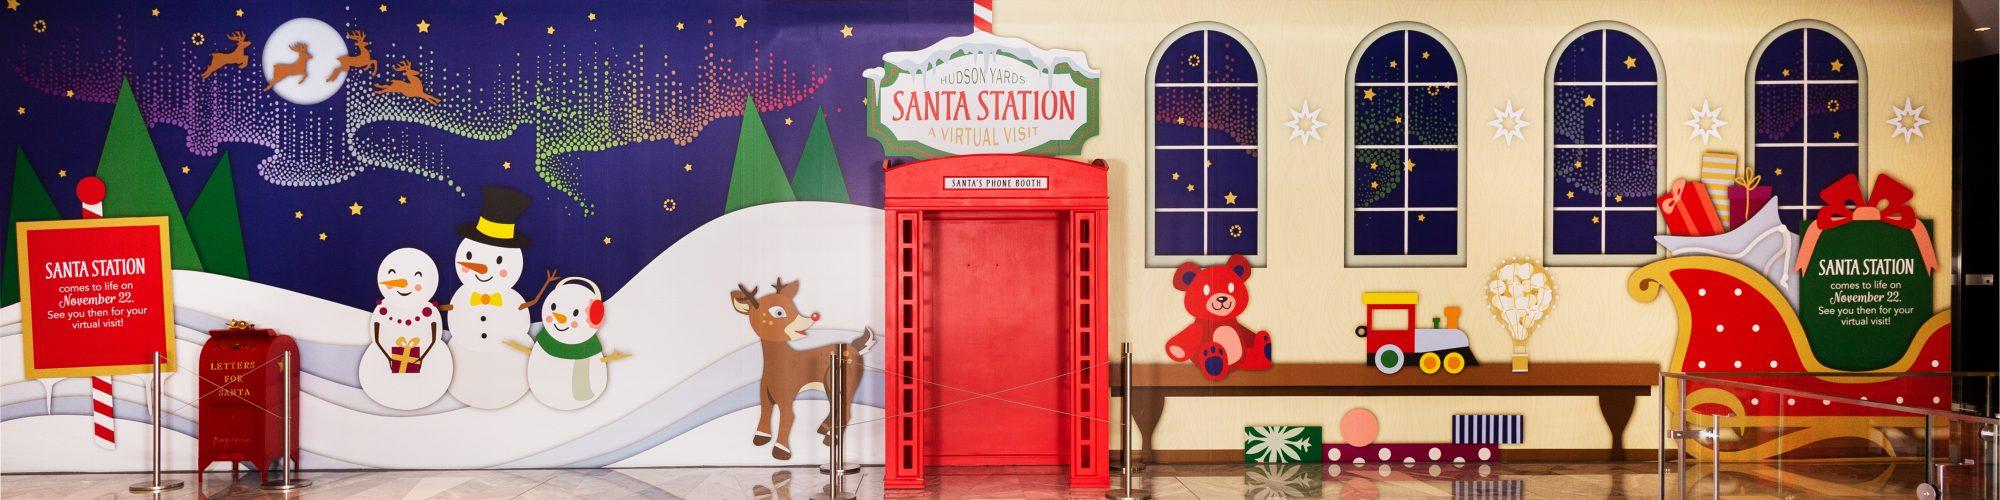 Santa Station Experience at Hudson Yards for Holiday 2020